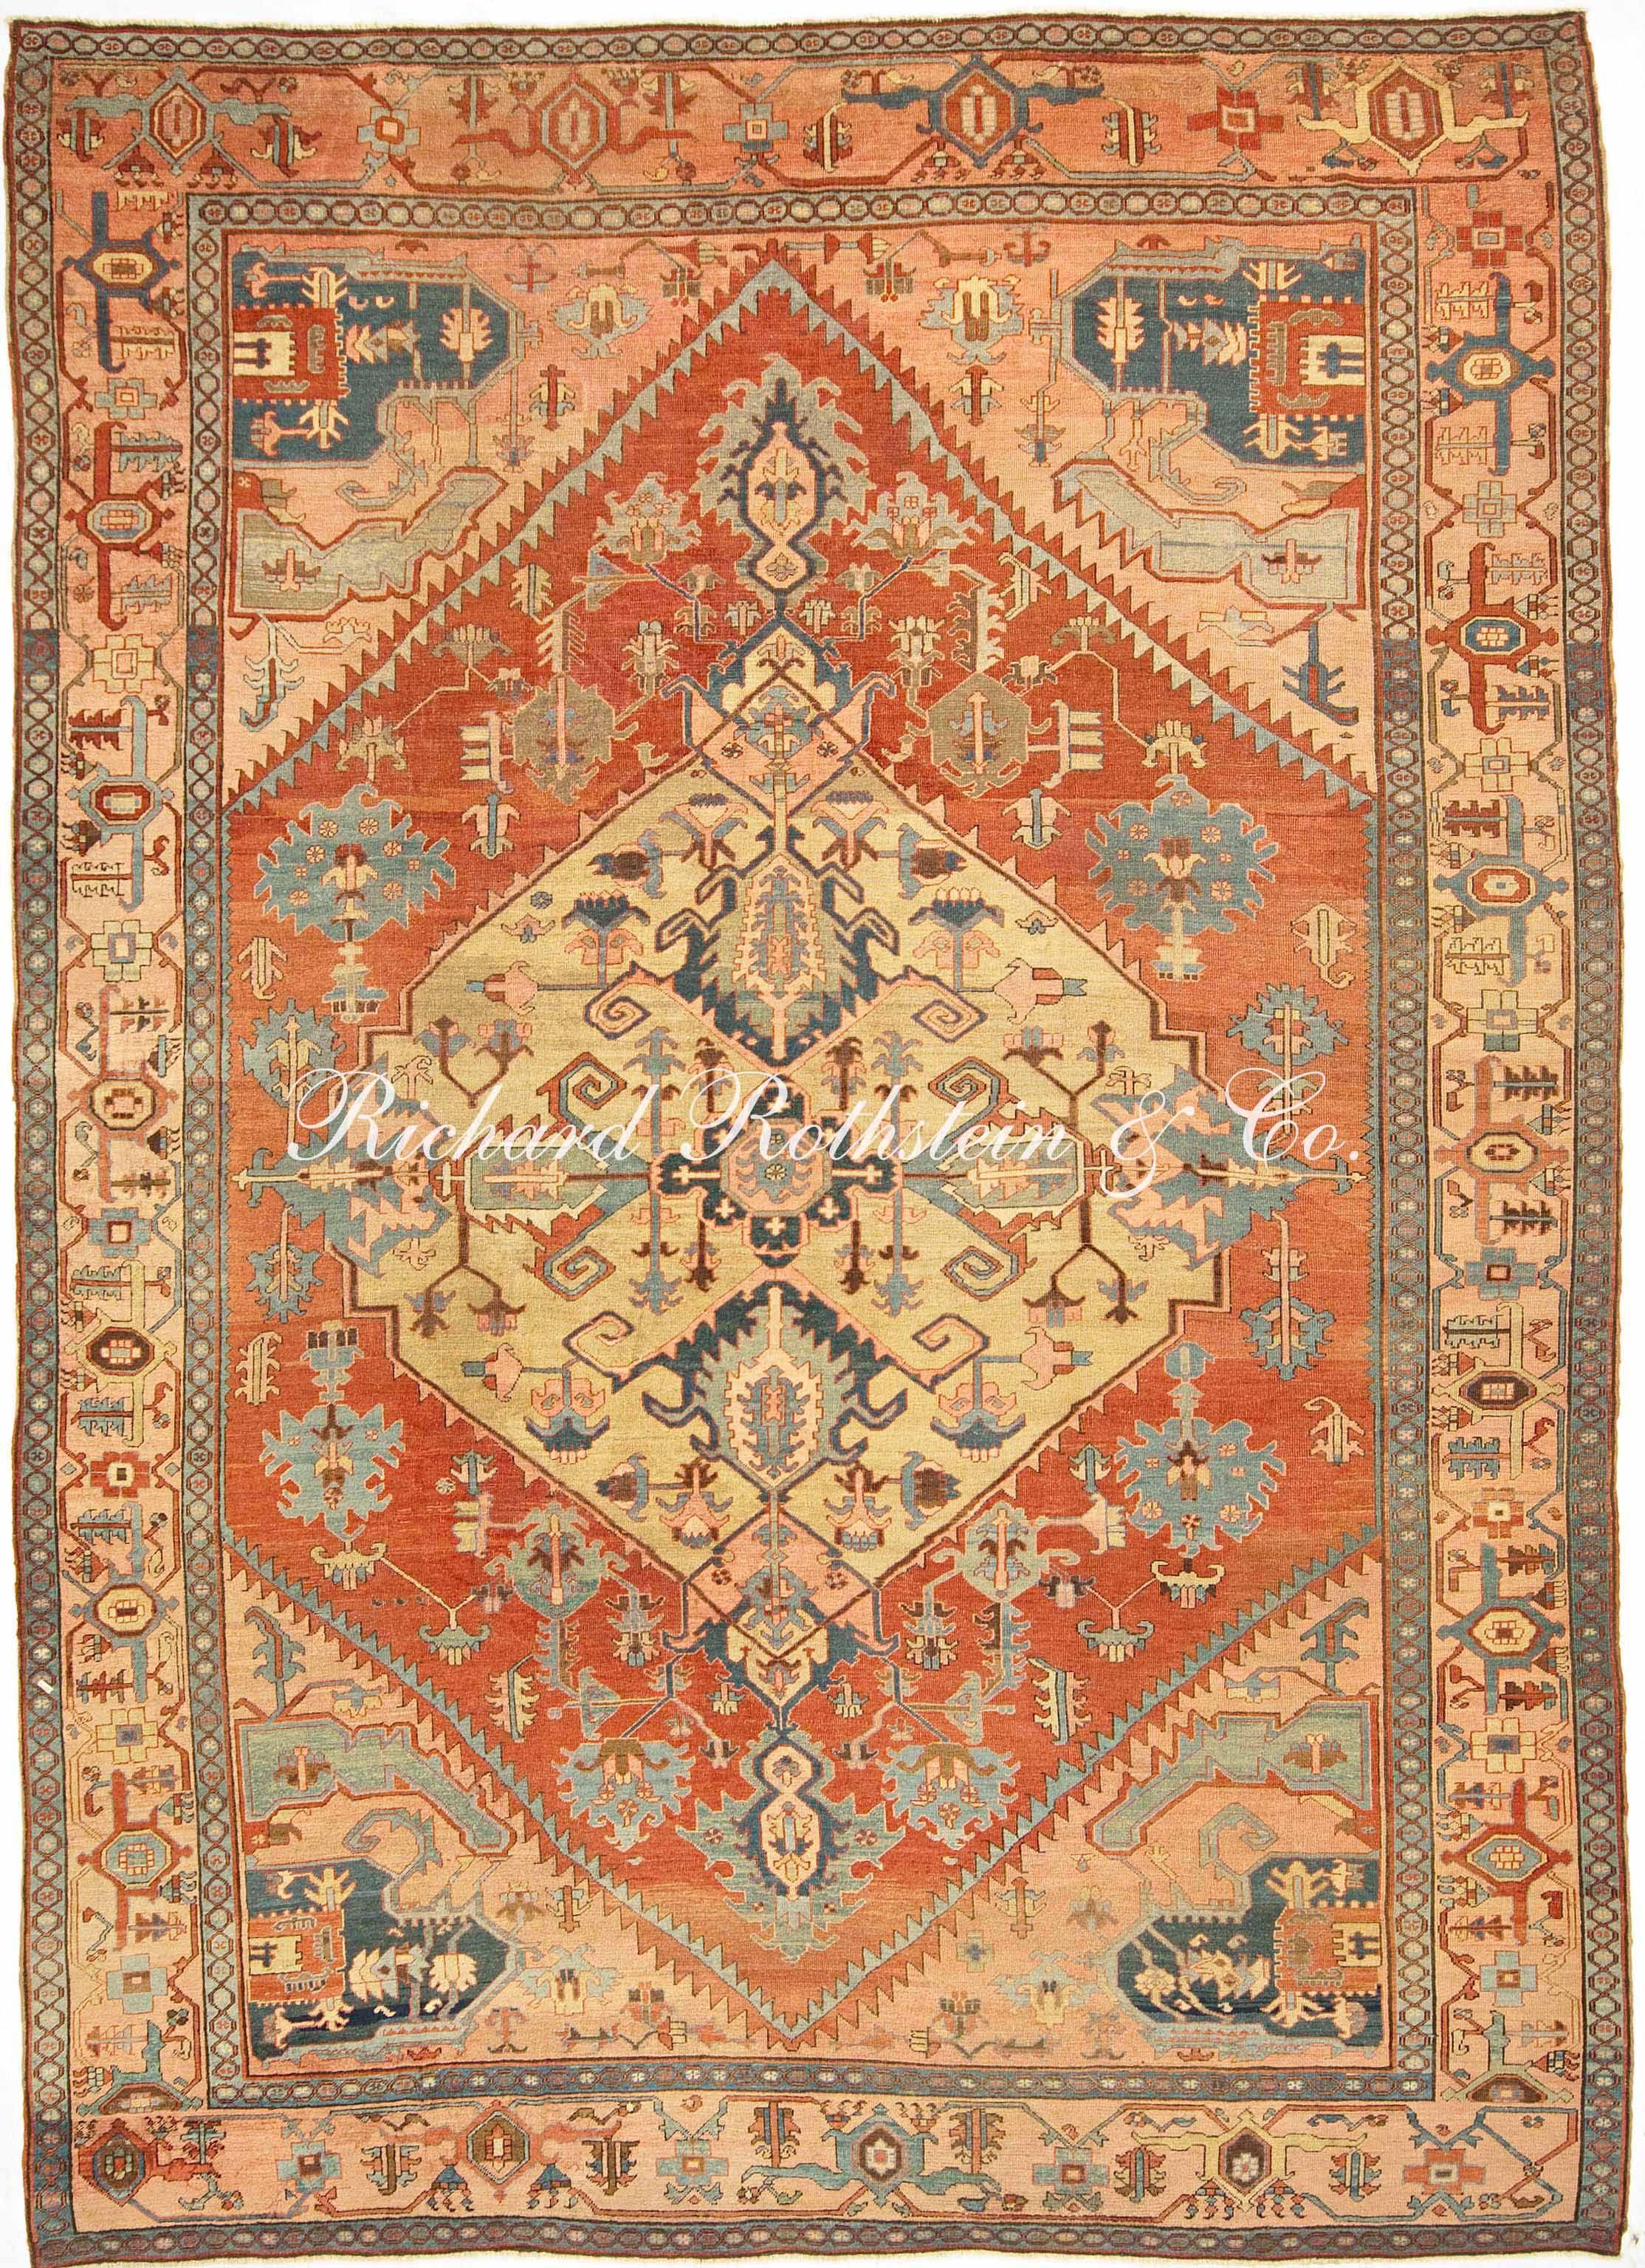 Additional View Persian Rug Designs Persian Carpet Carpet Fabric